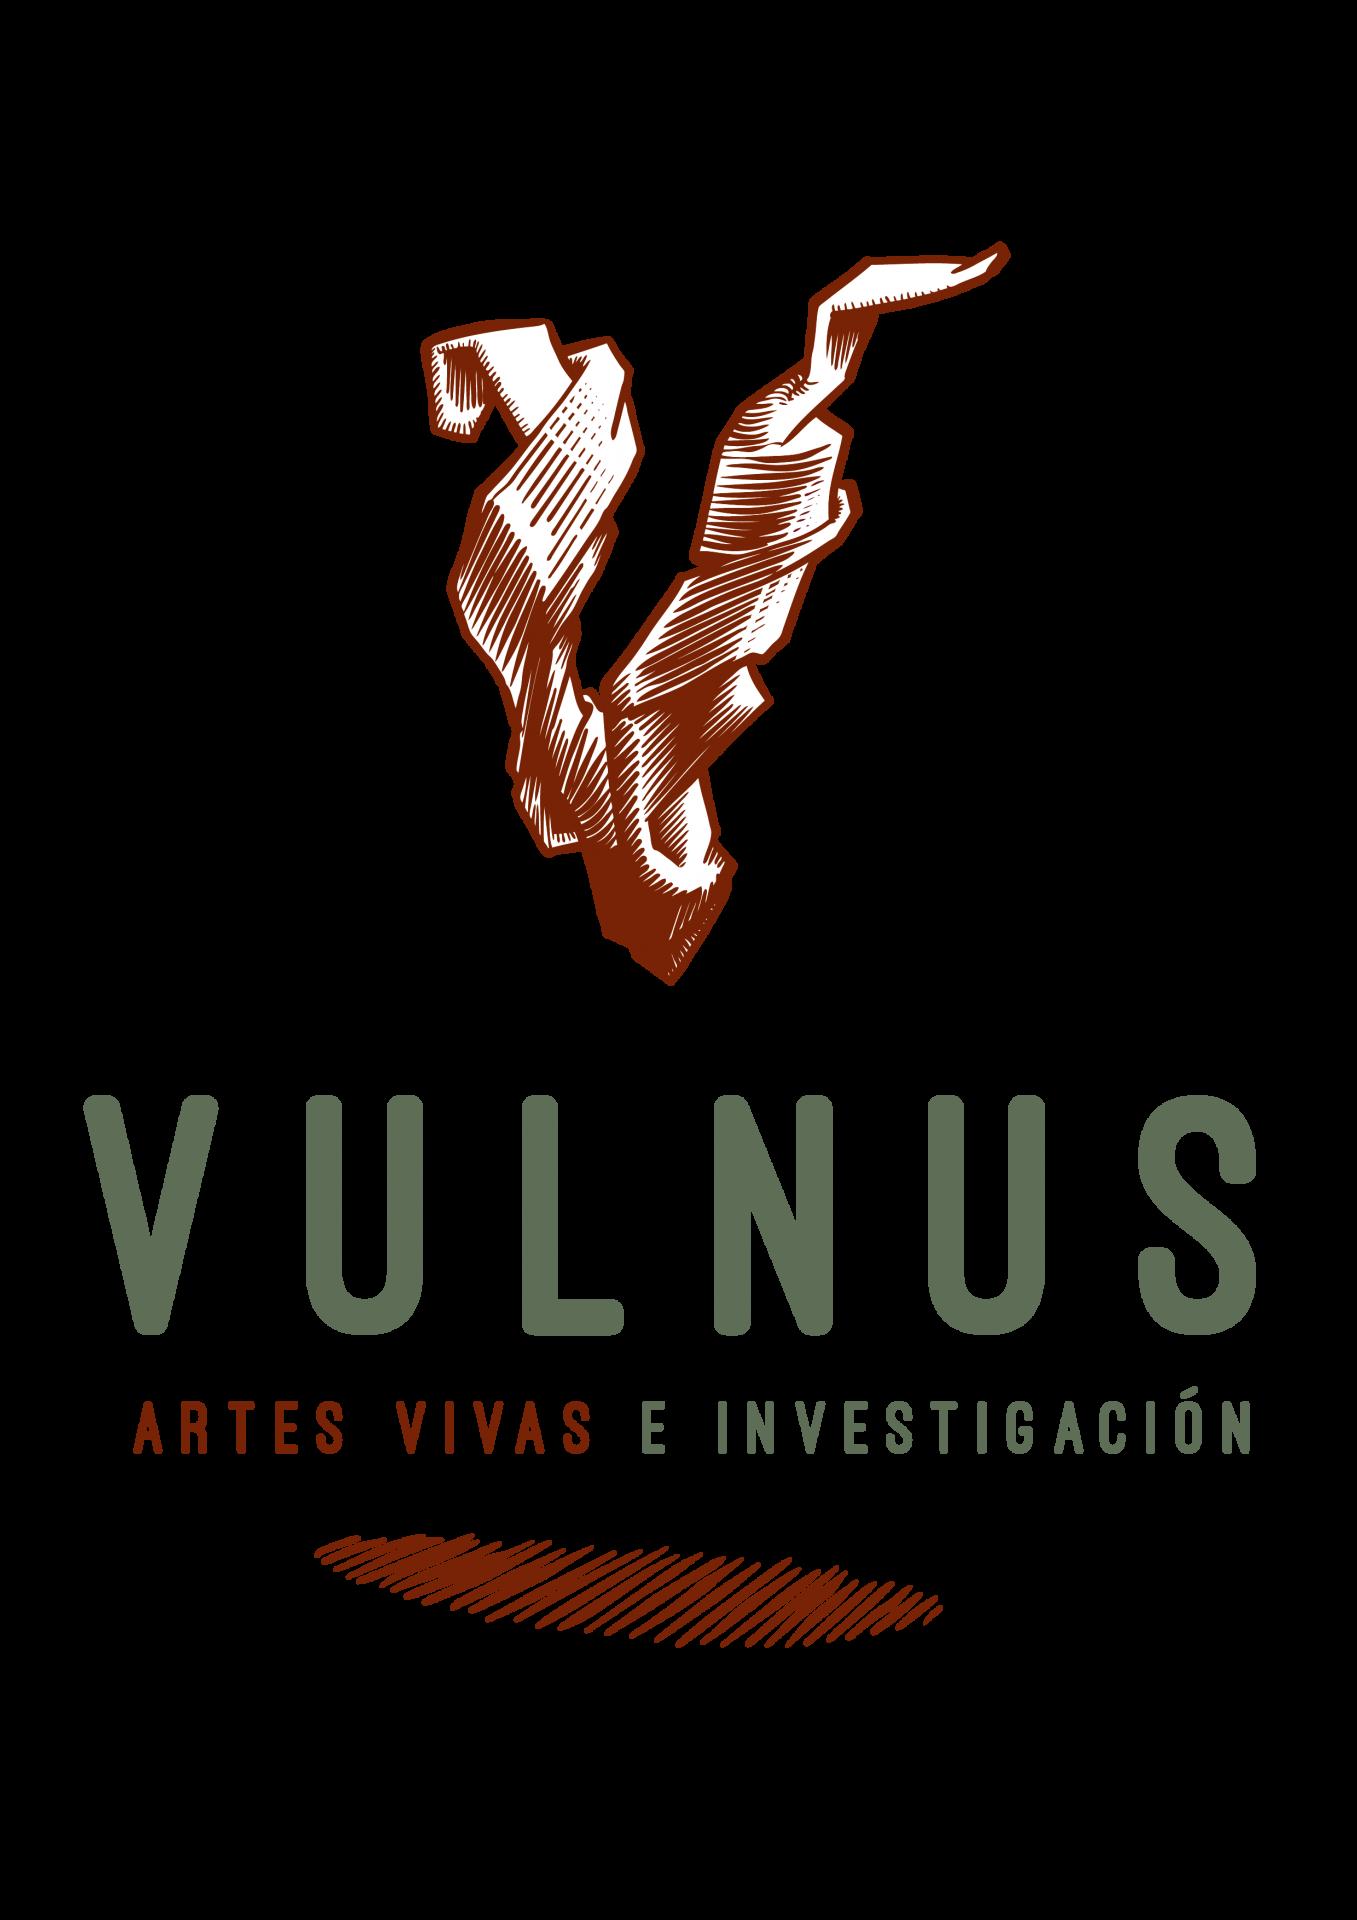 Disseny del logotip per al col·lectiu Vulnus, dedicat a l'acció i la recerca al voltant de les arts escèniques i les comunitats